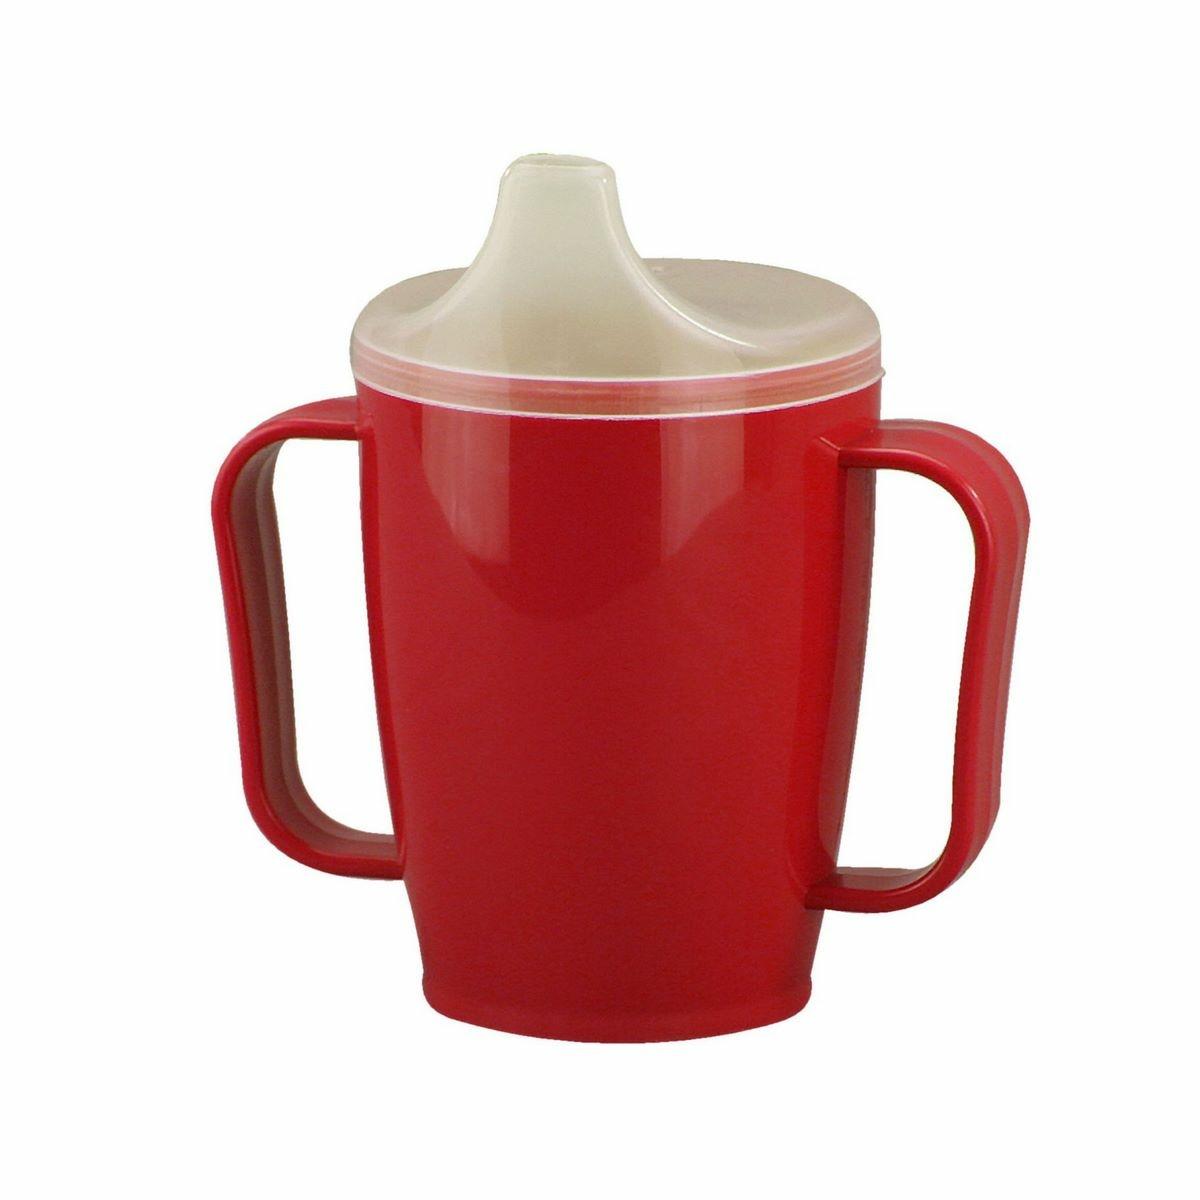 Hrnek s pítkem se dvěma víčky 250 ml, červená